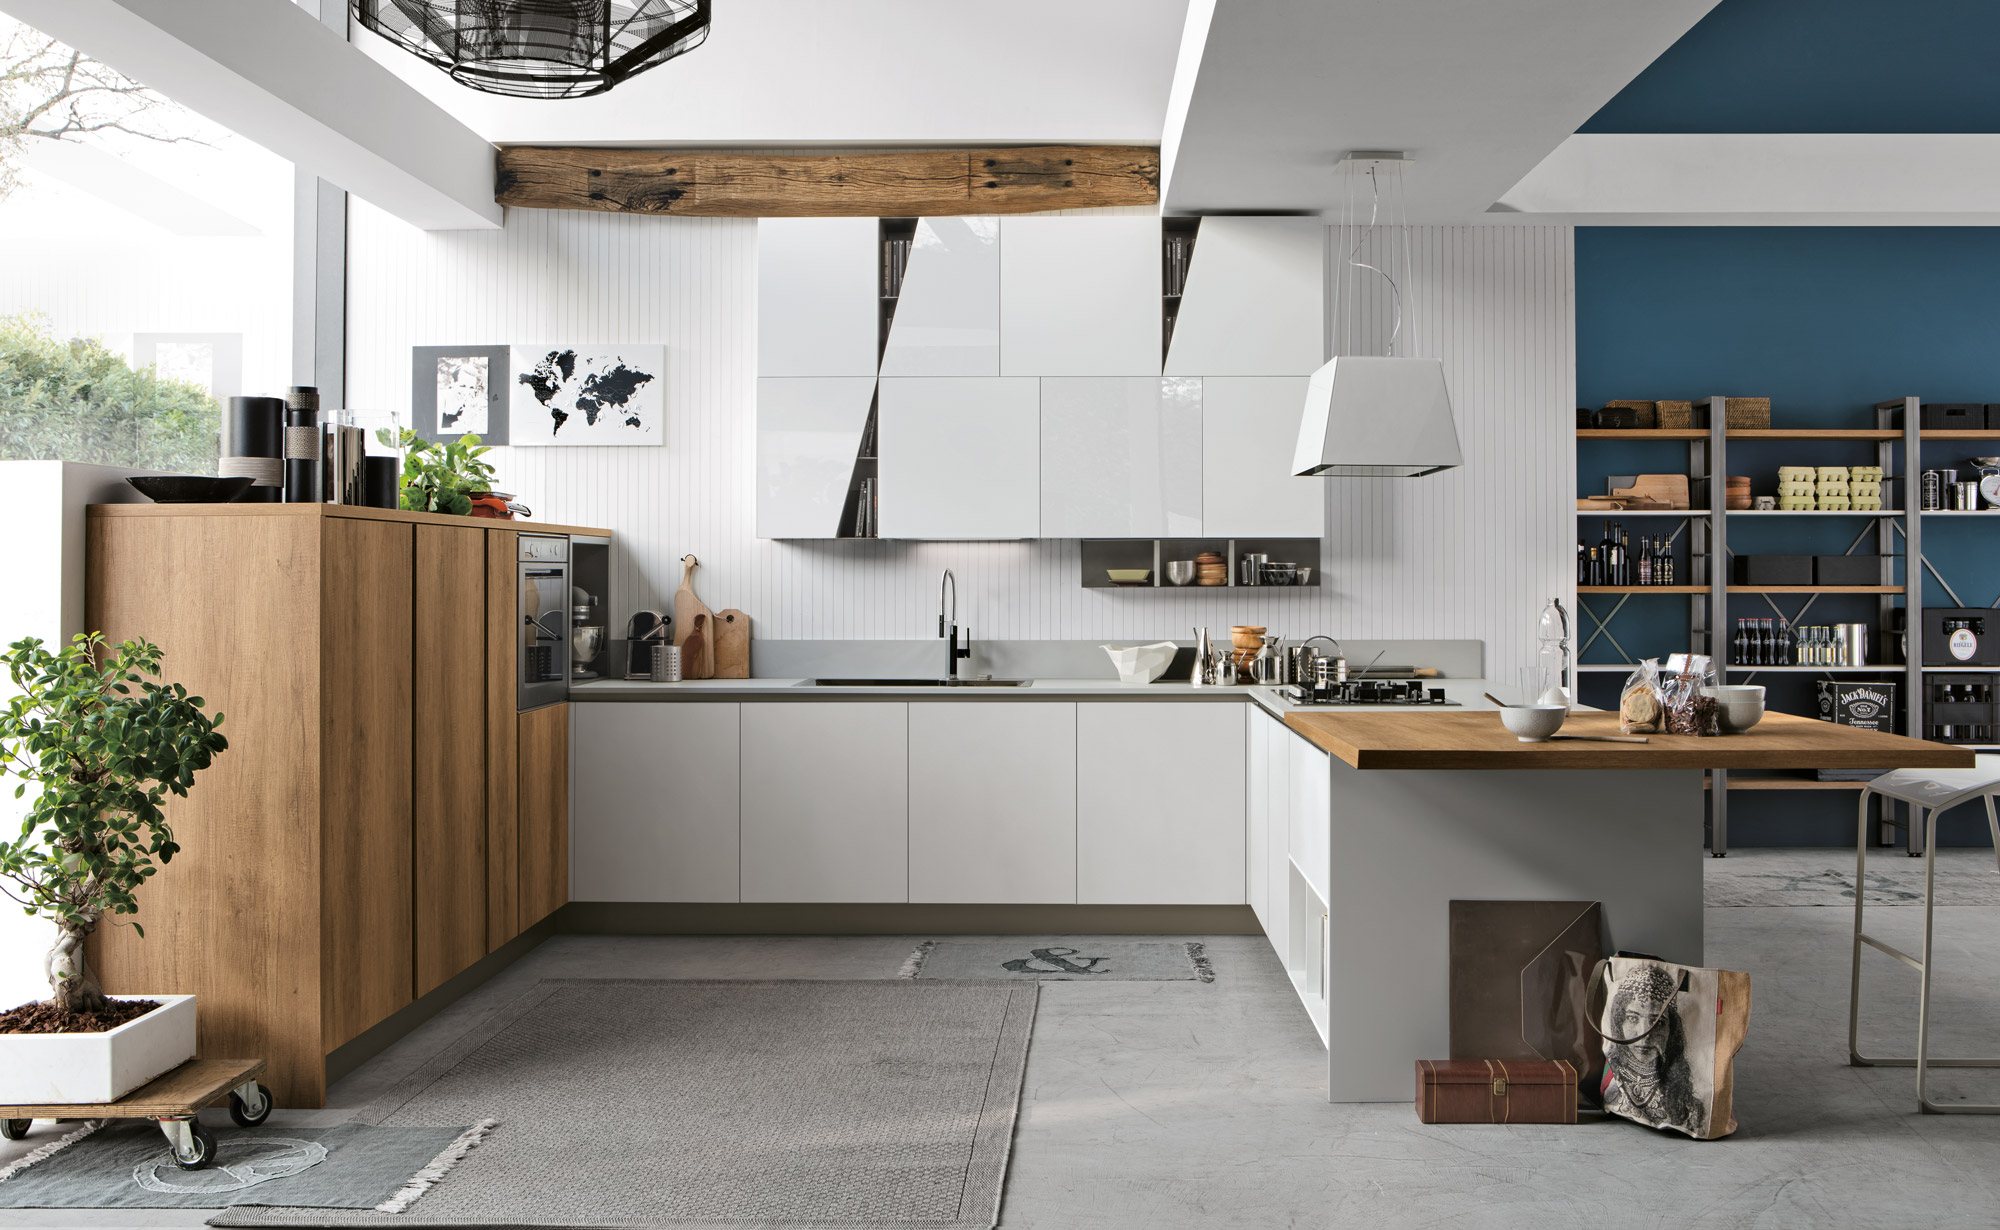 Cucine Moderne – Pagina 7 – Brennero Case Stili di Maistri ...